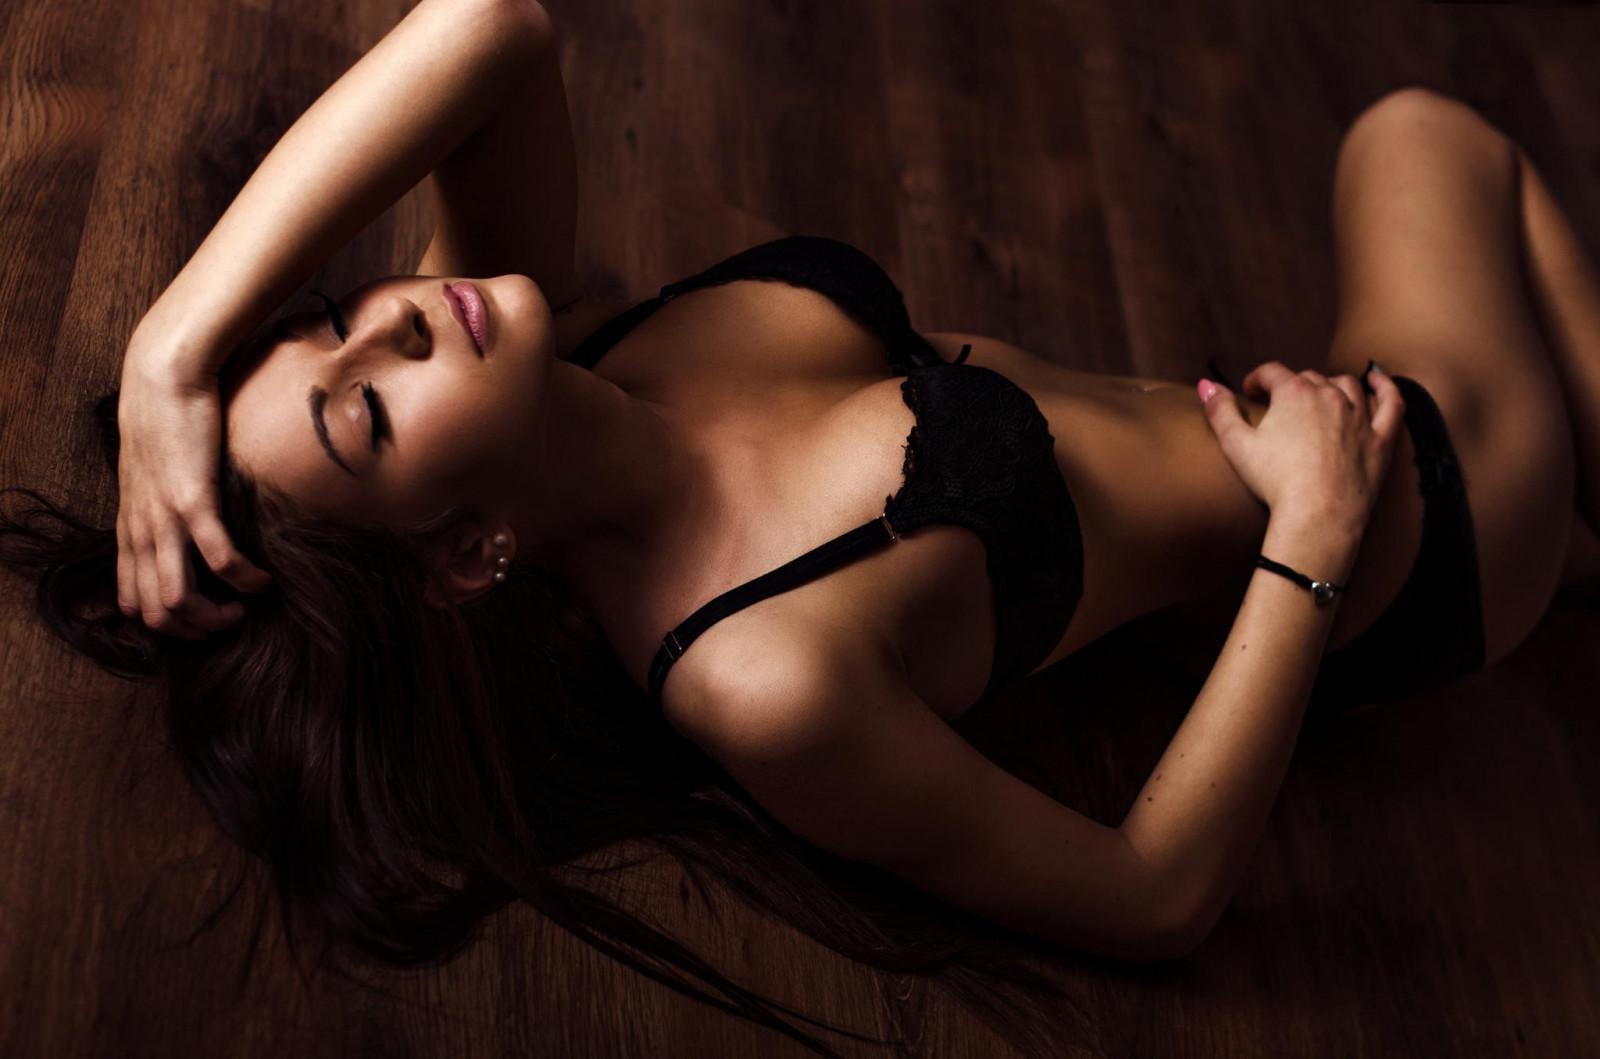 Страстная девушка соблазняет, порно сайт случайные связи